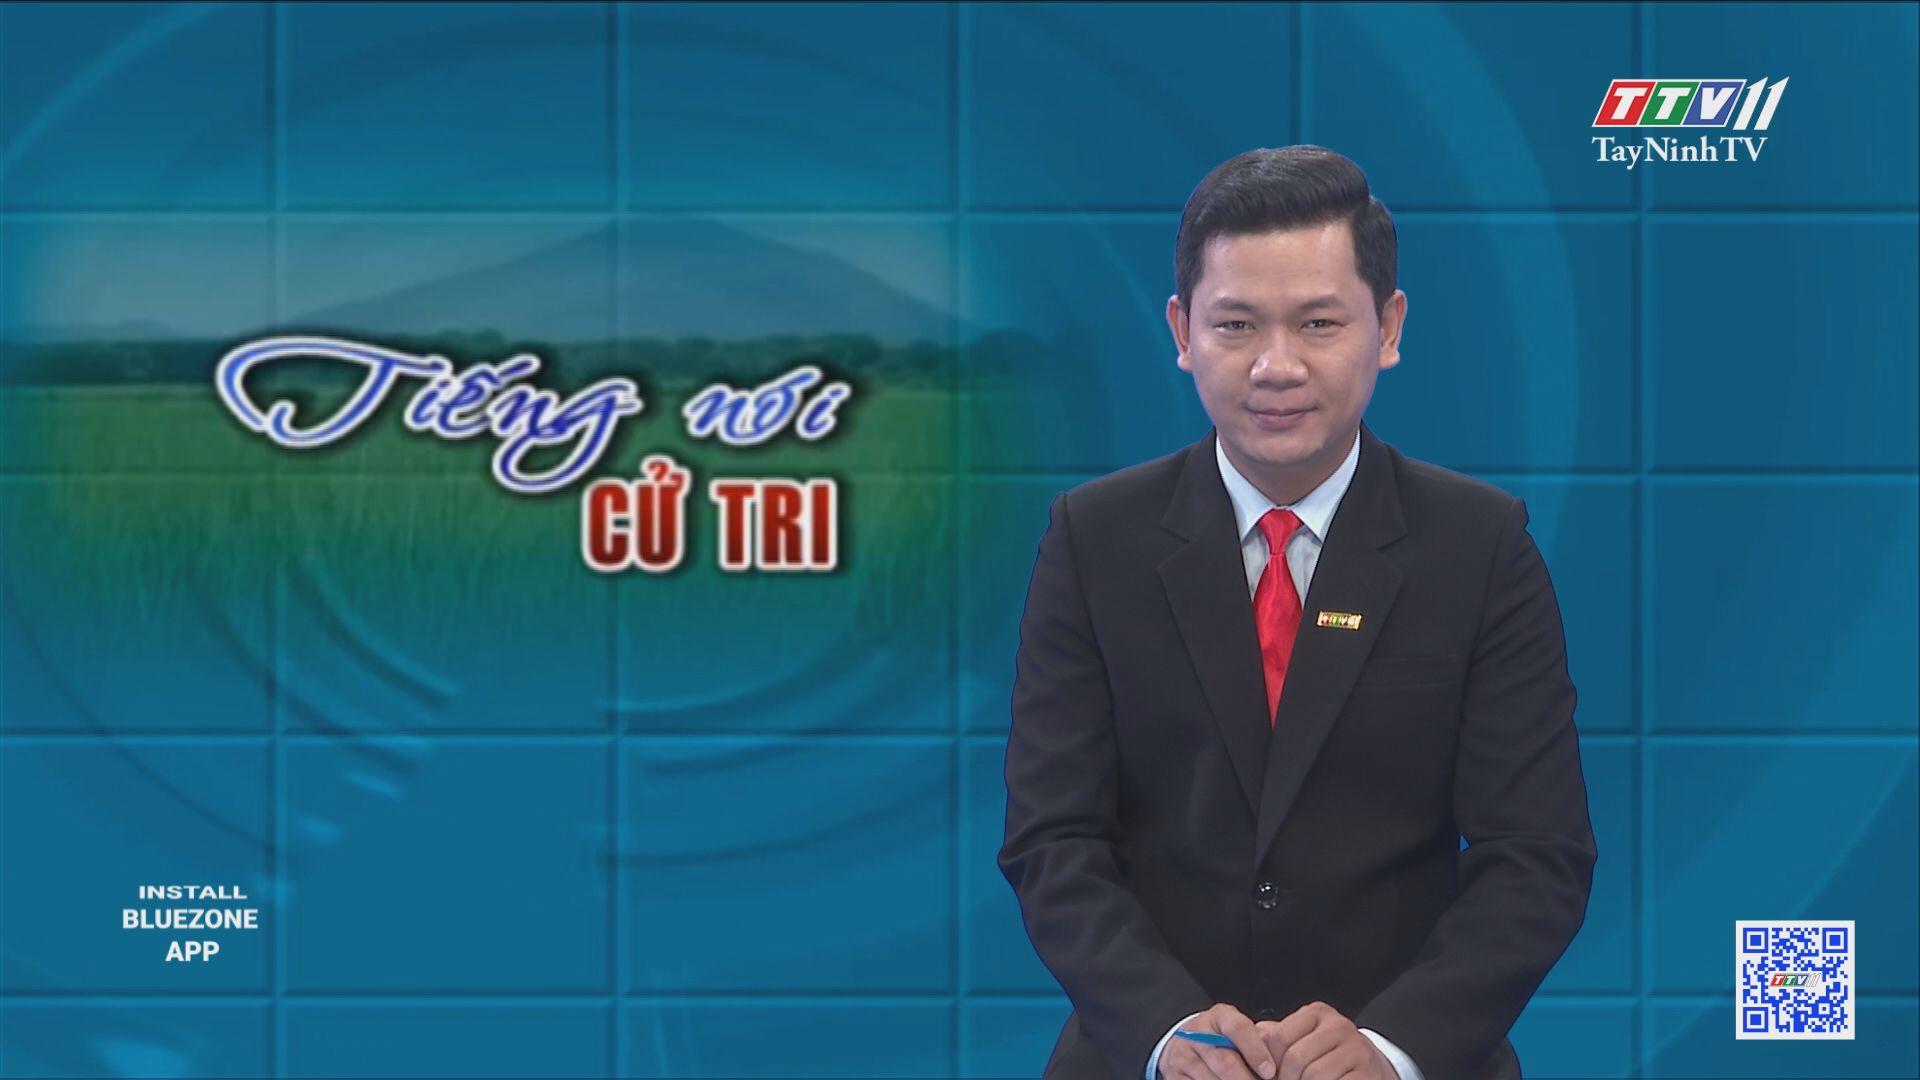 Thực hiện đề án vị trí việc làm cần xét đến các ngành đặc thù | TIẾNG NÓI CỬ TRI | TayNinhTV